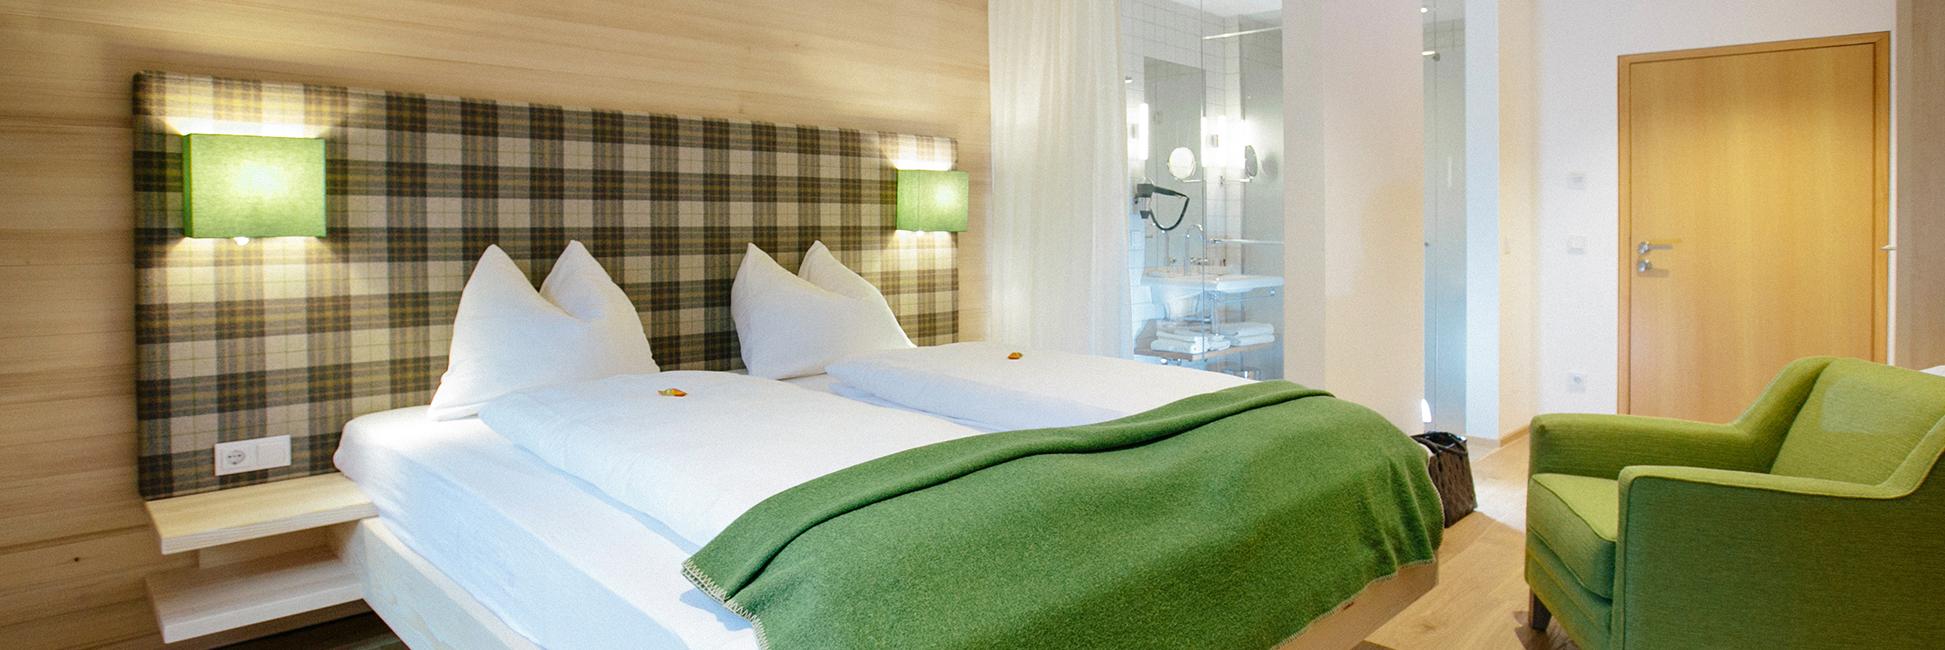 Hotel Gasthof zur Post Zimmer Ambiente Wolfgangsee